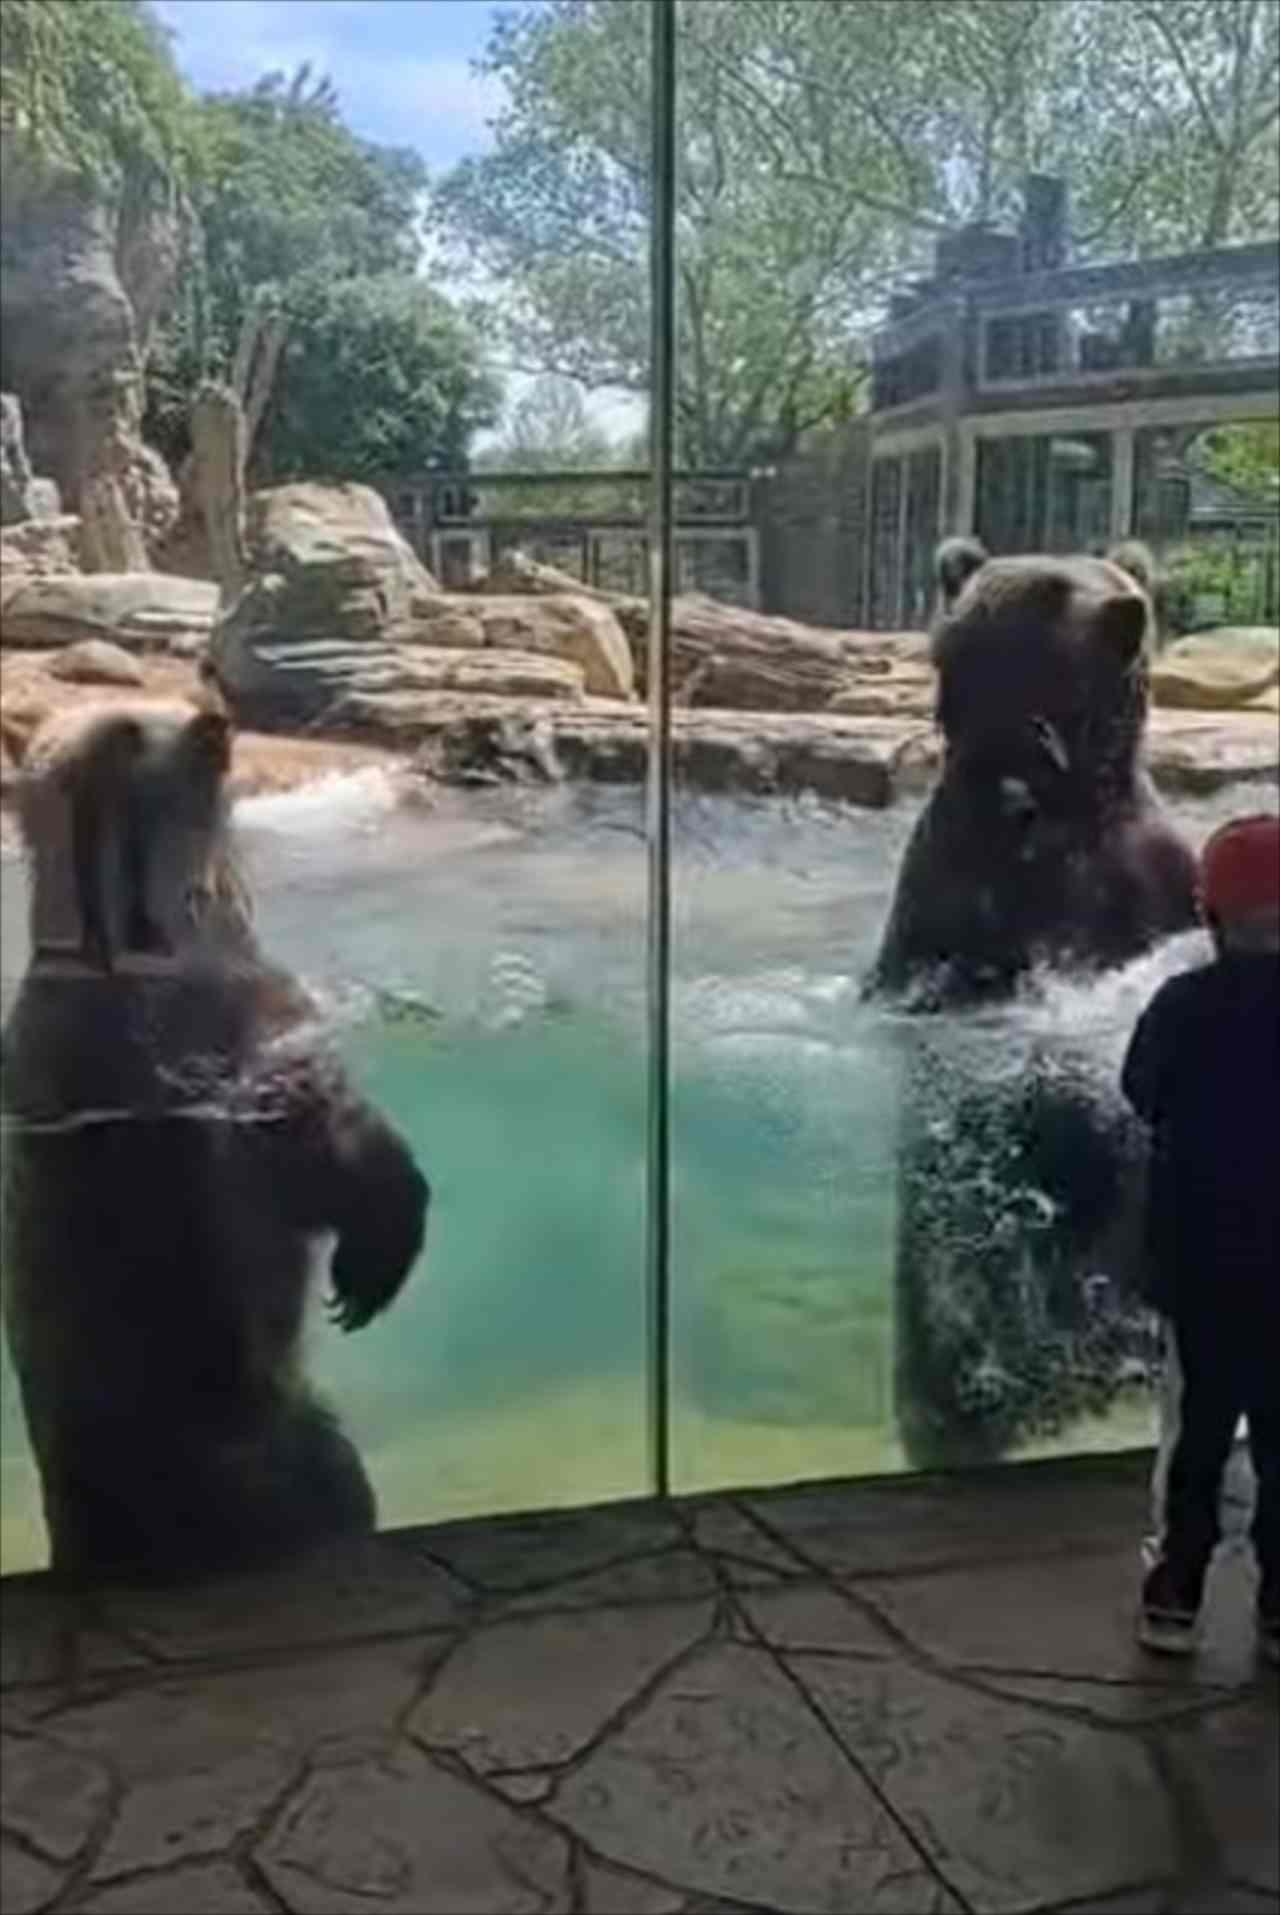 波を立てながら陽気に踊るクマたちが楽しそう♪伸び上がると・・・やっぱりデカい!